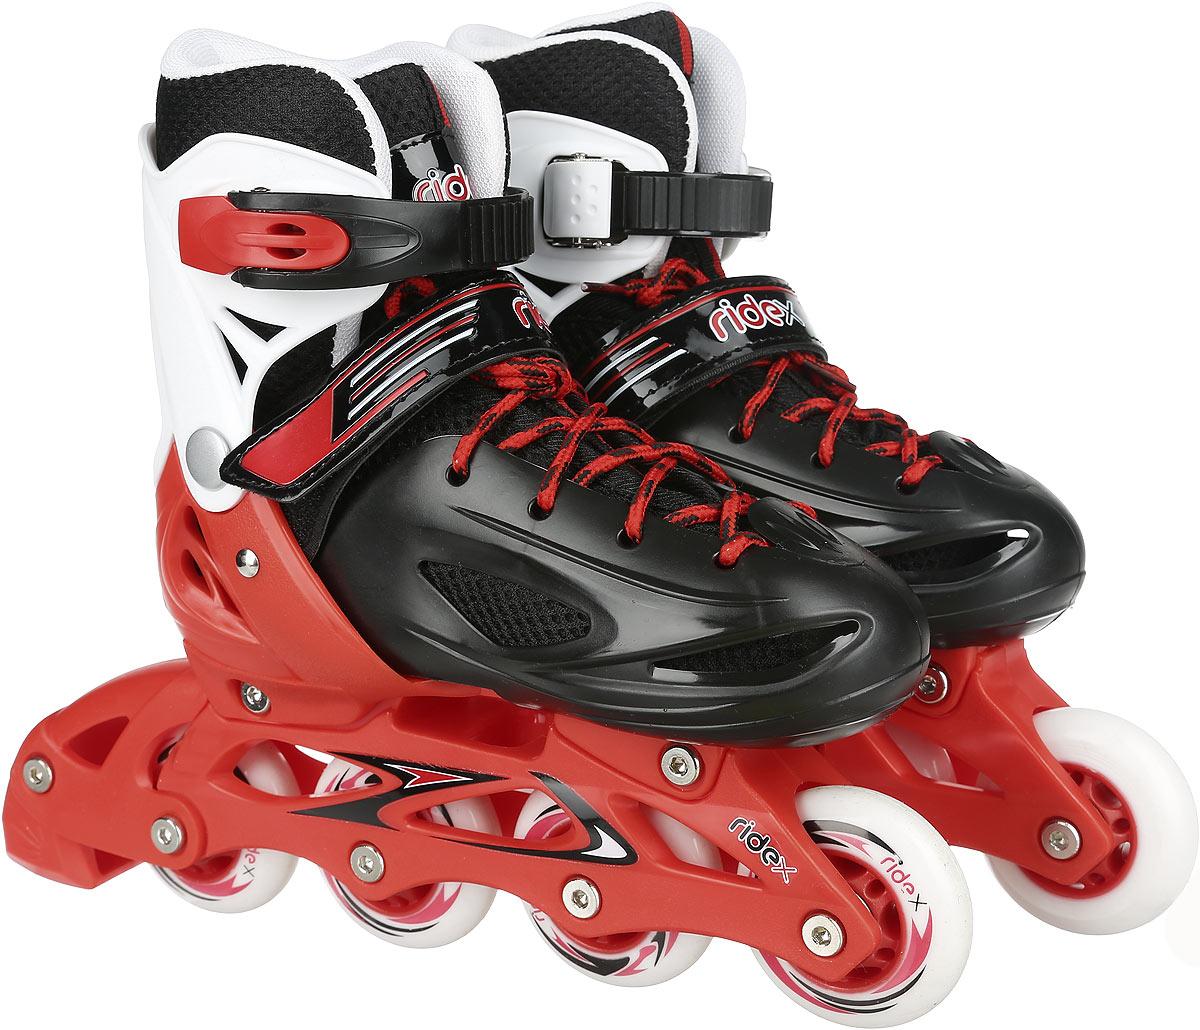 Коньки роликовые Ridex Rocky, раздвижные, цвет: черный, красный, белый. УТ-00008098. Размер 34/37 - Ролики